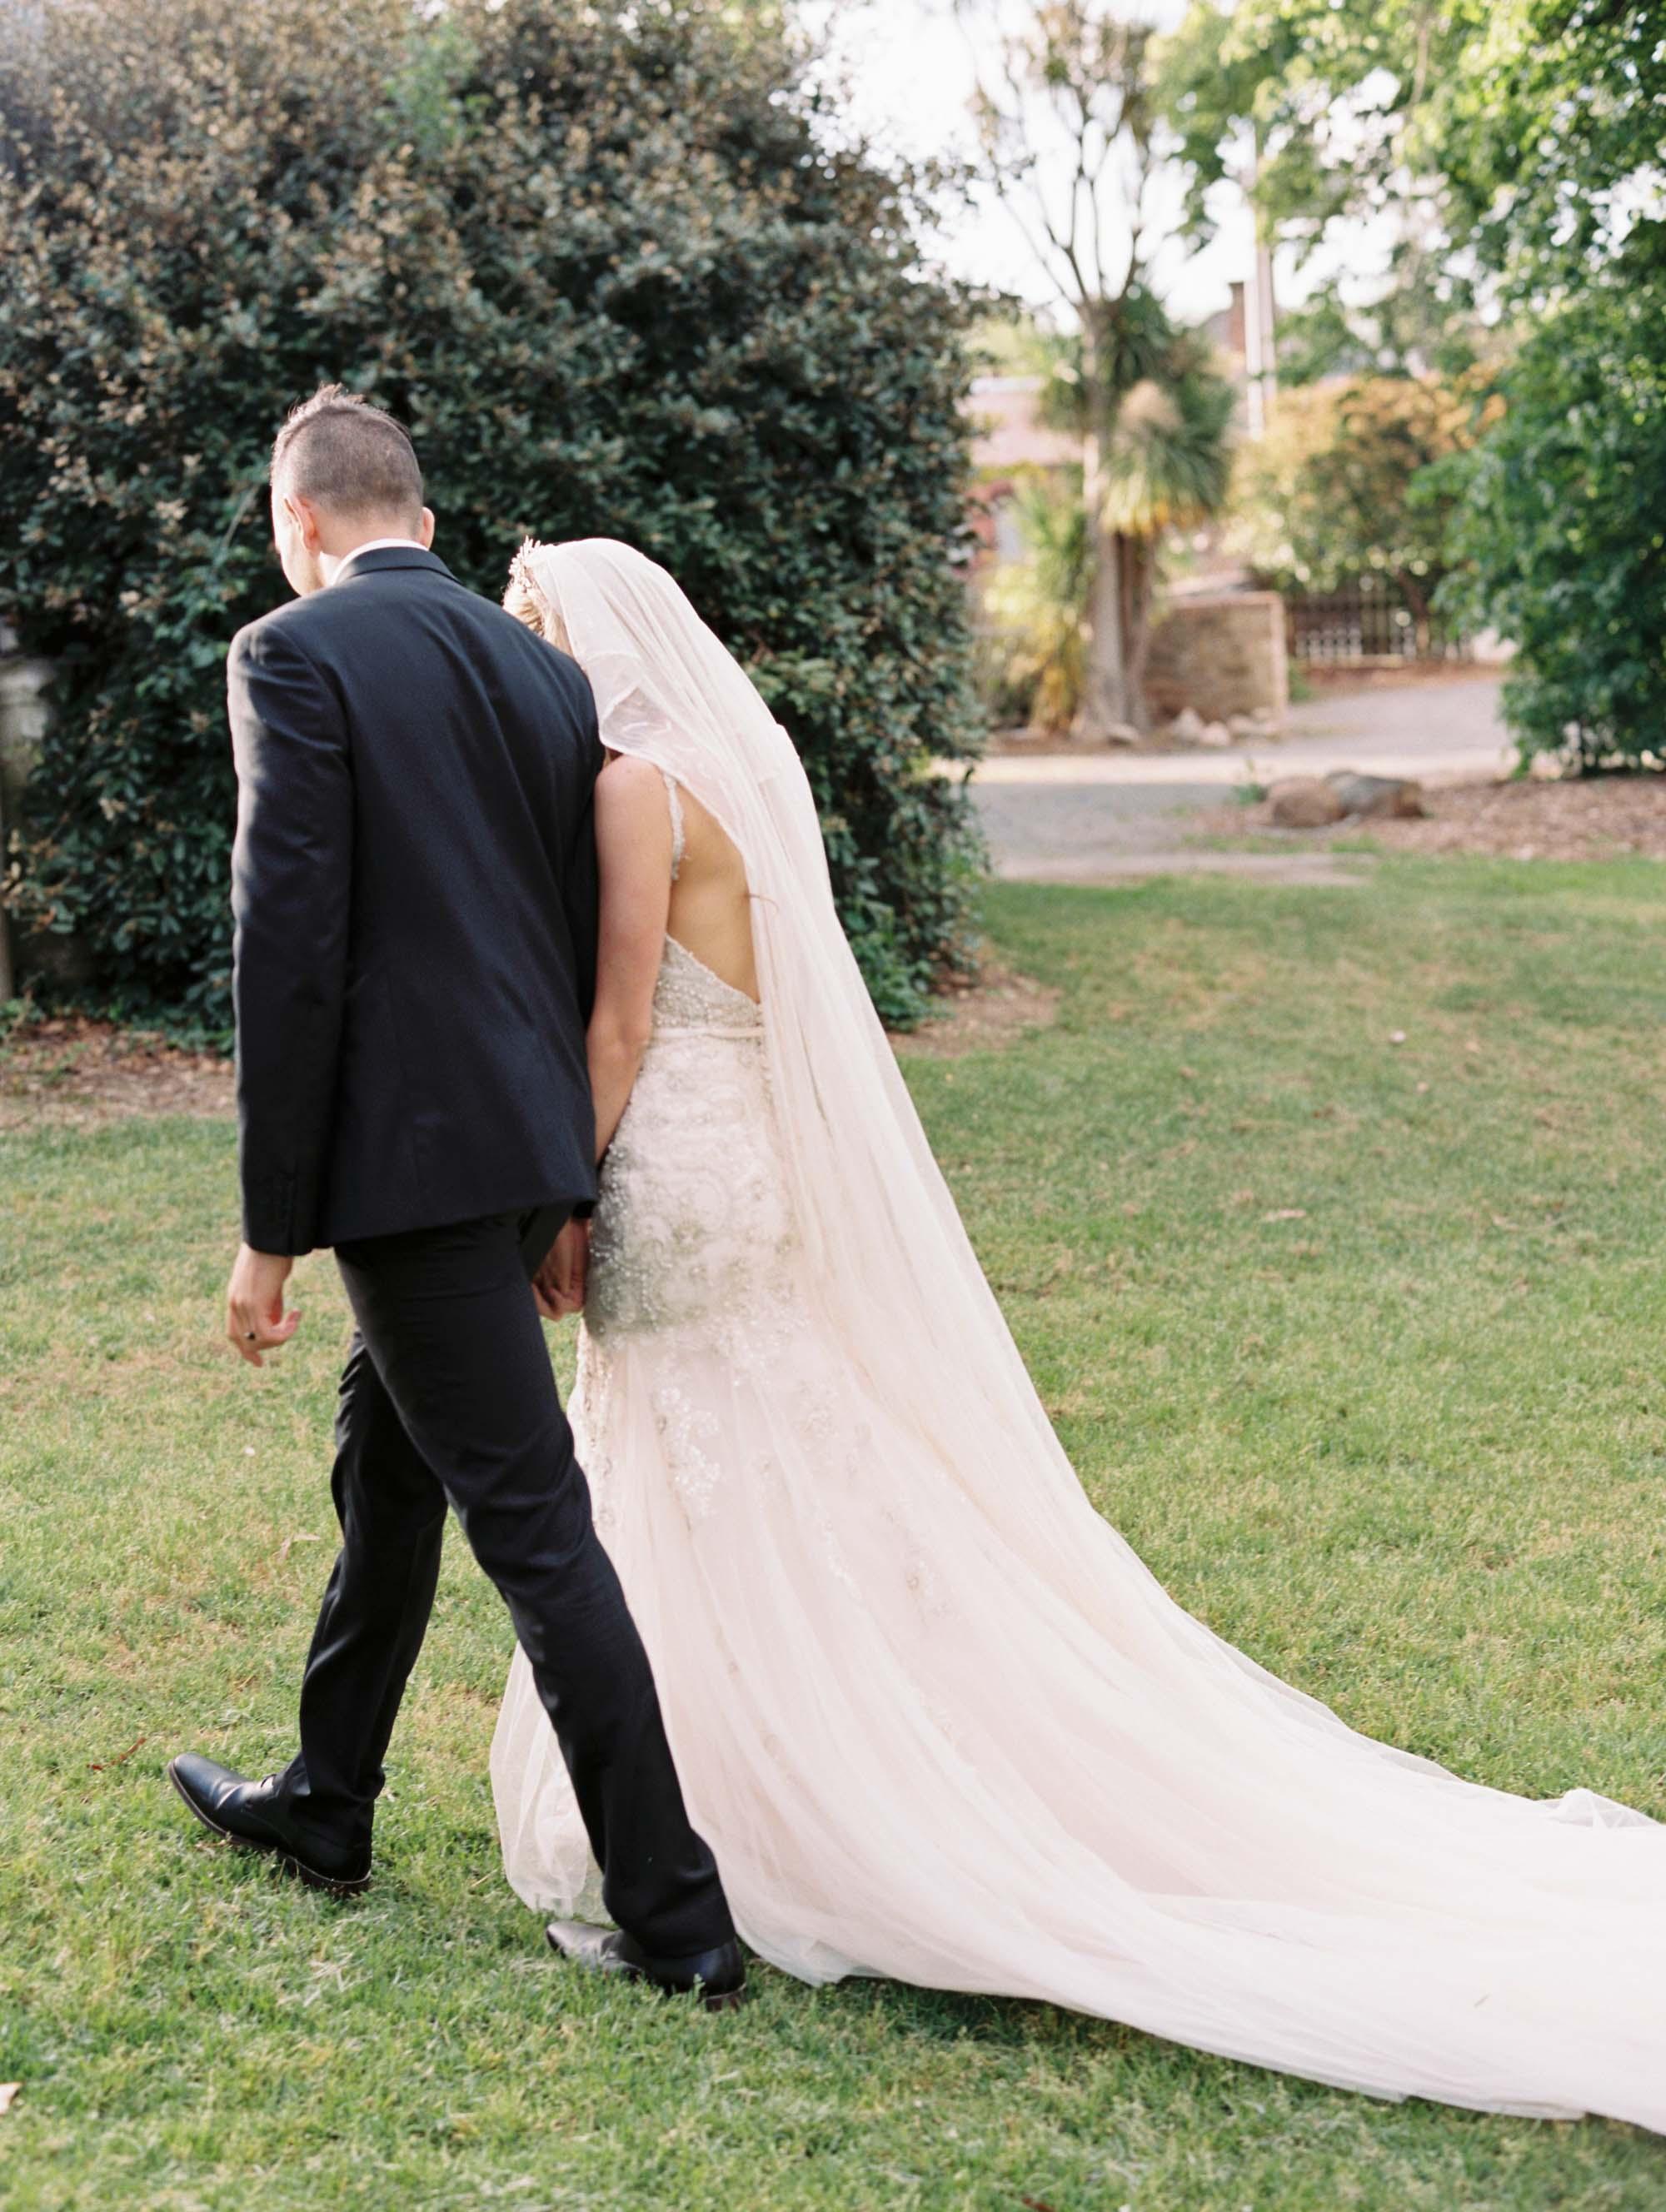 Whitehouse-hahndorf-wedding-photography-080.jpg